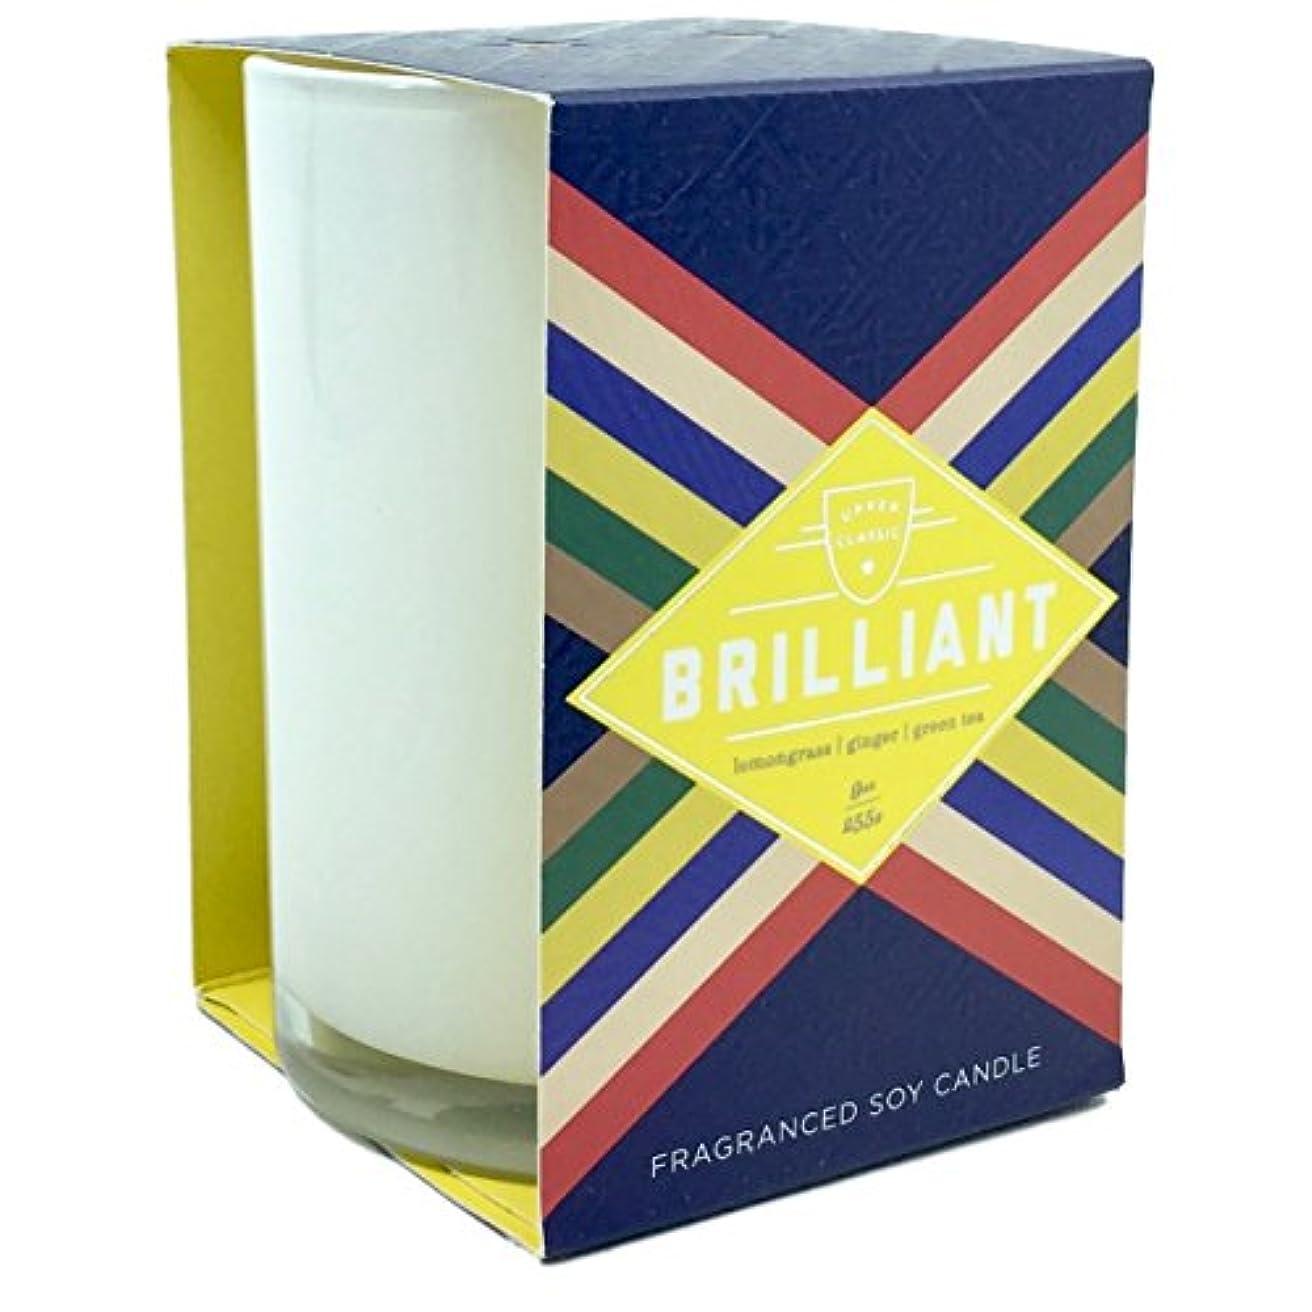 救出オープニング不定UpperクラシックBrilliant Lemongrass GingerグリーンティーScented Candle